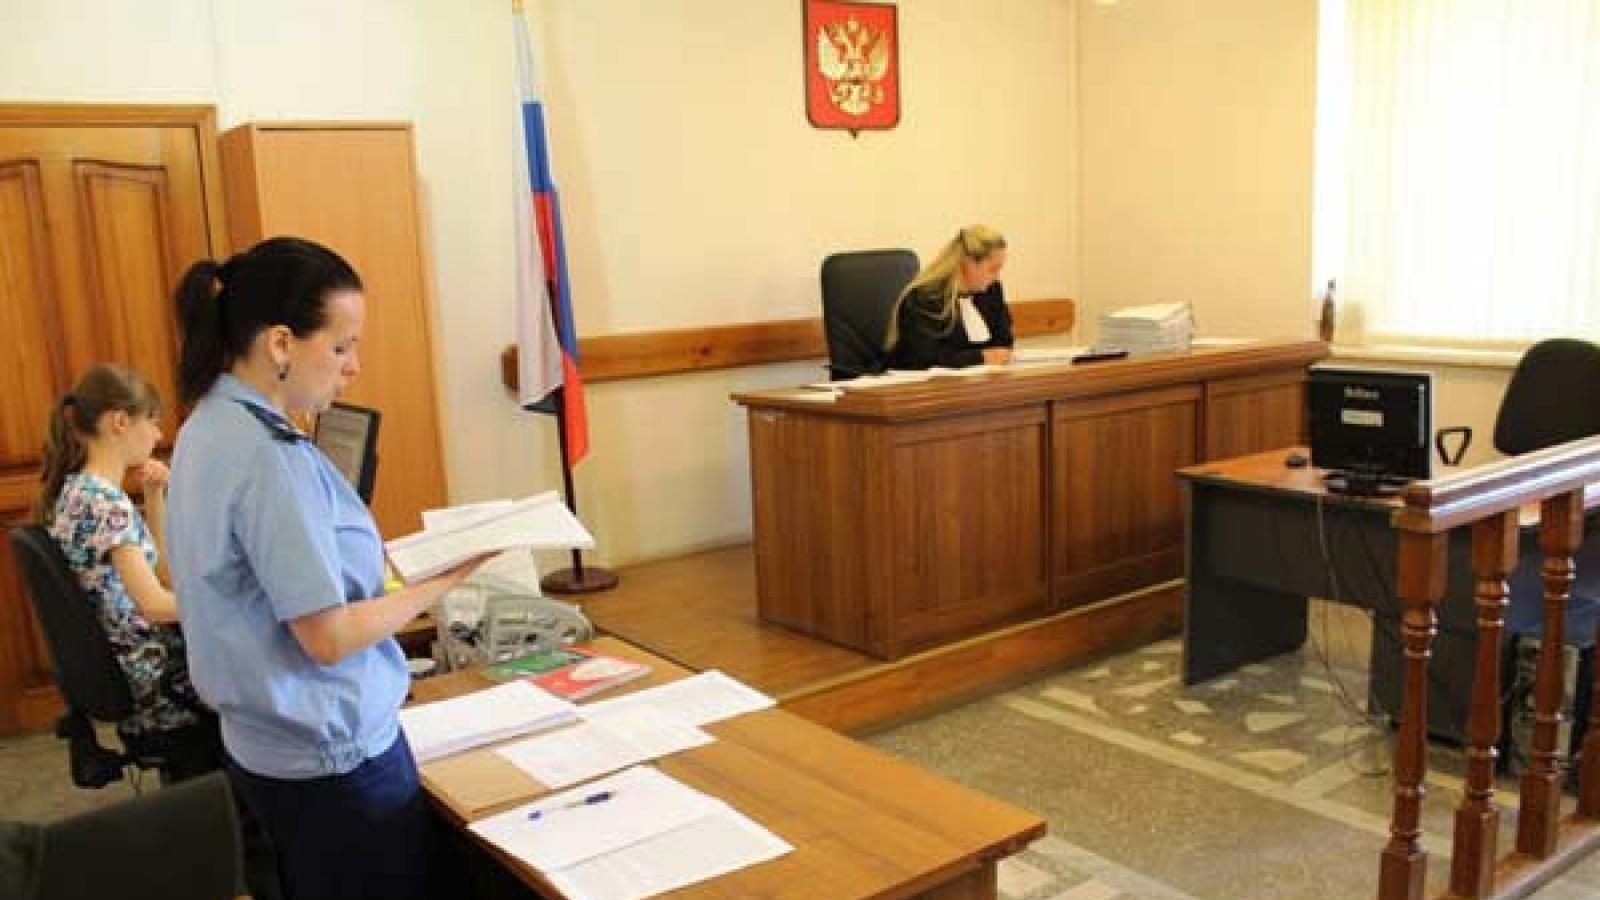 Вологжанка отсудила у соседа 15 тыс. руб. за моральный ущерб